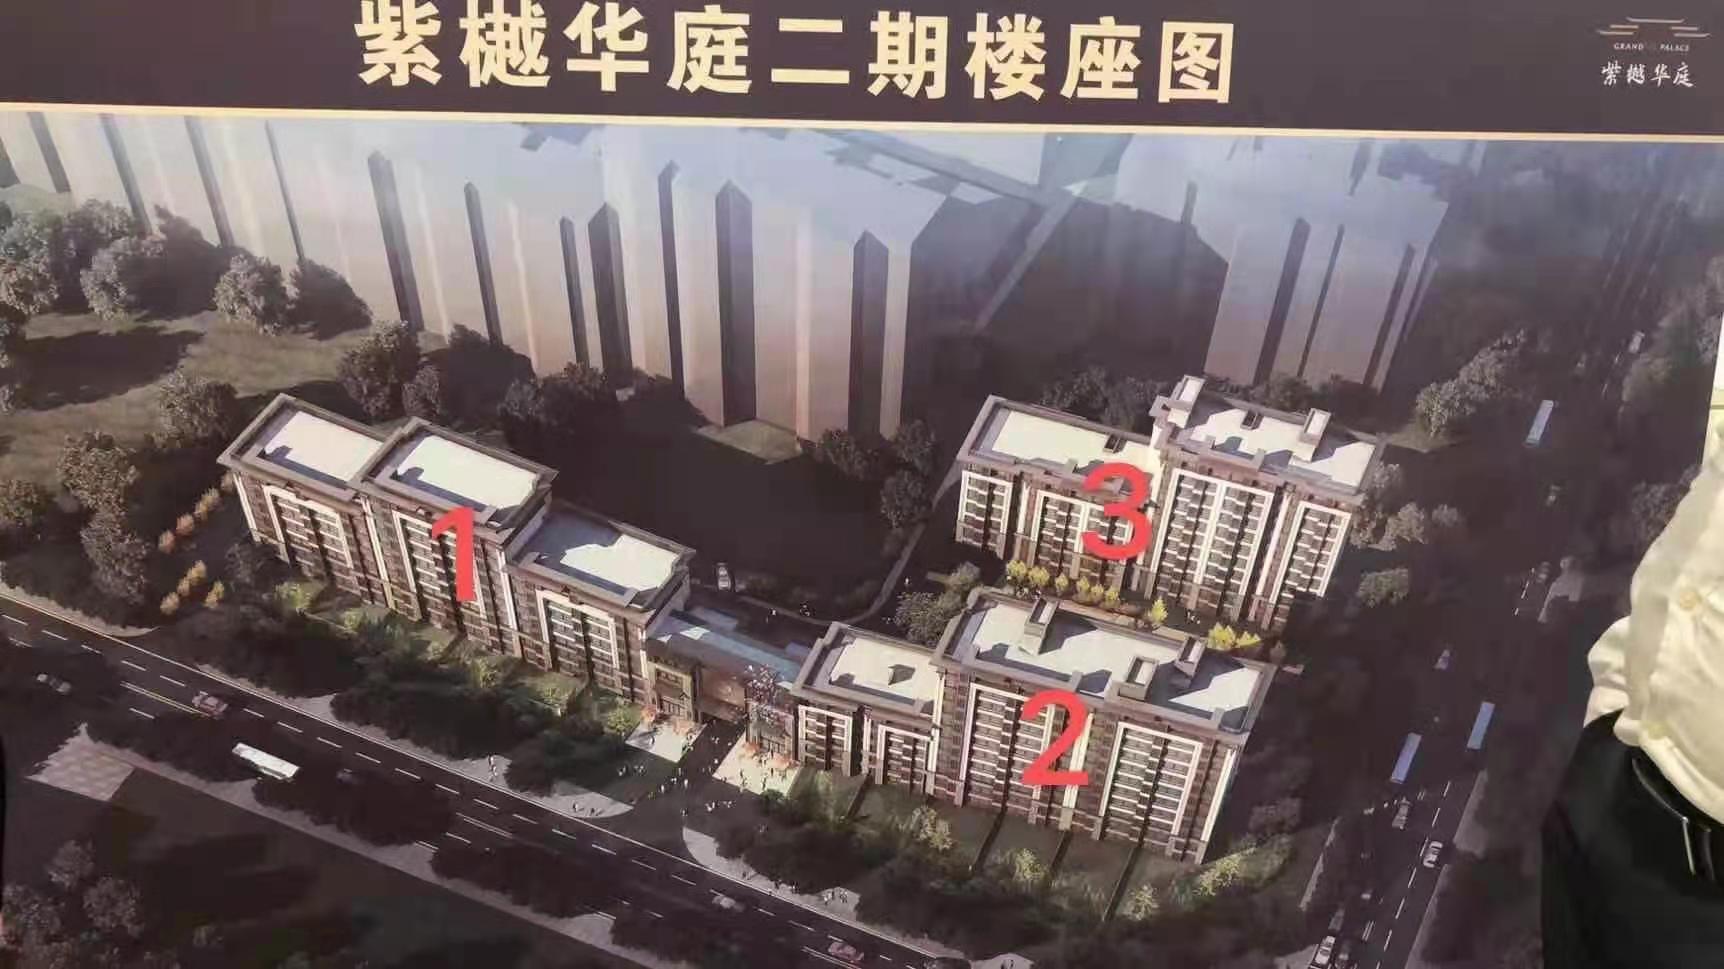 涿州紫樾华庭二期楼座分布图